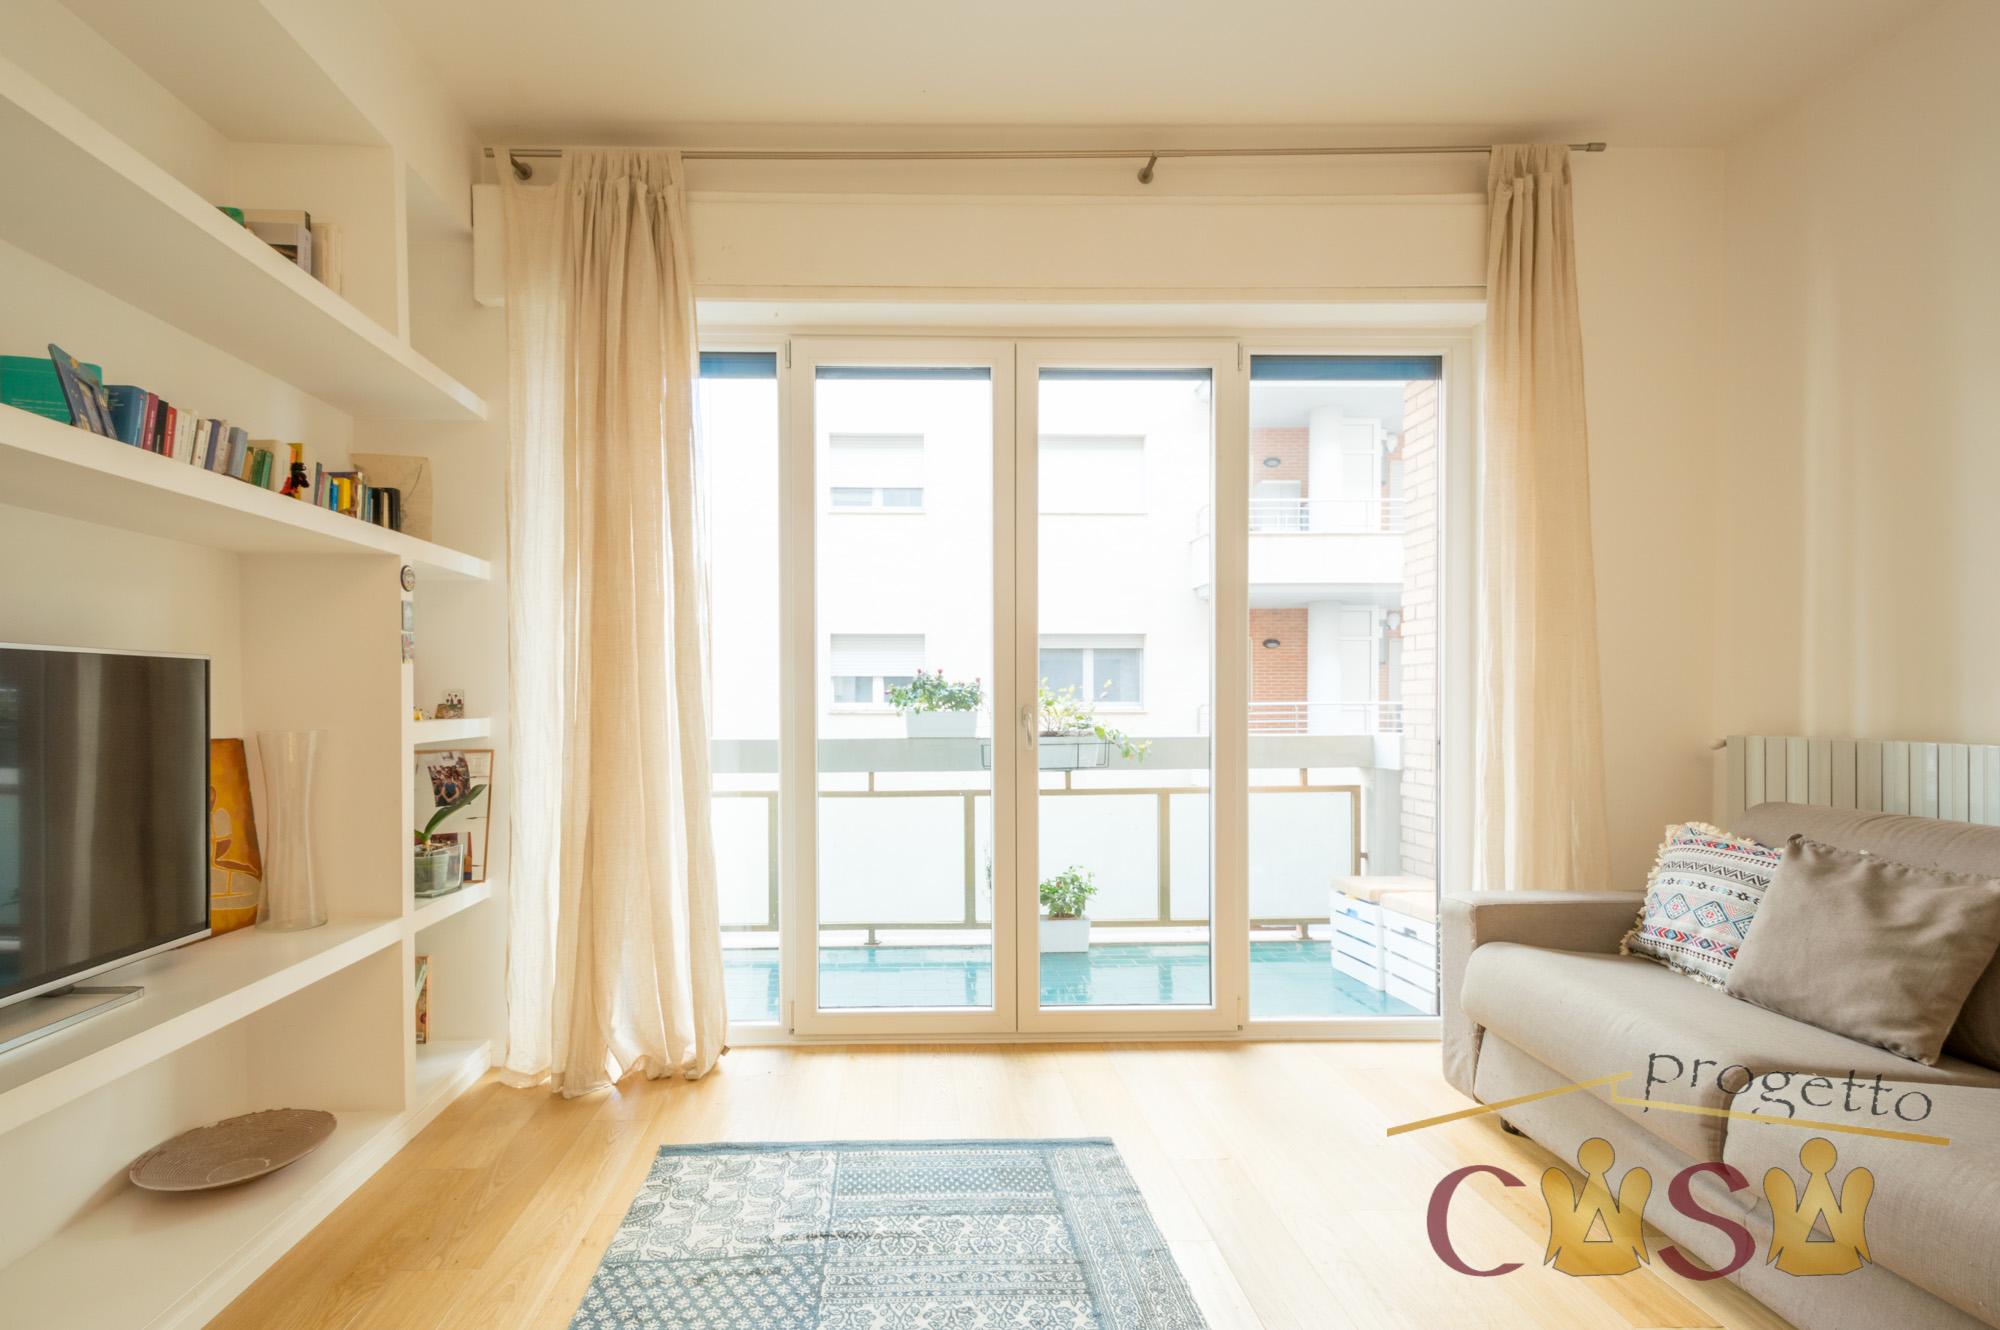 Appartamento centralissimo  e ristrutturato,con doppio utilizzo!